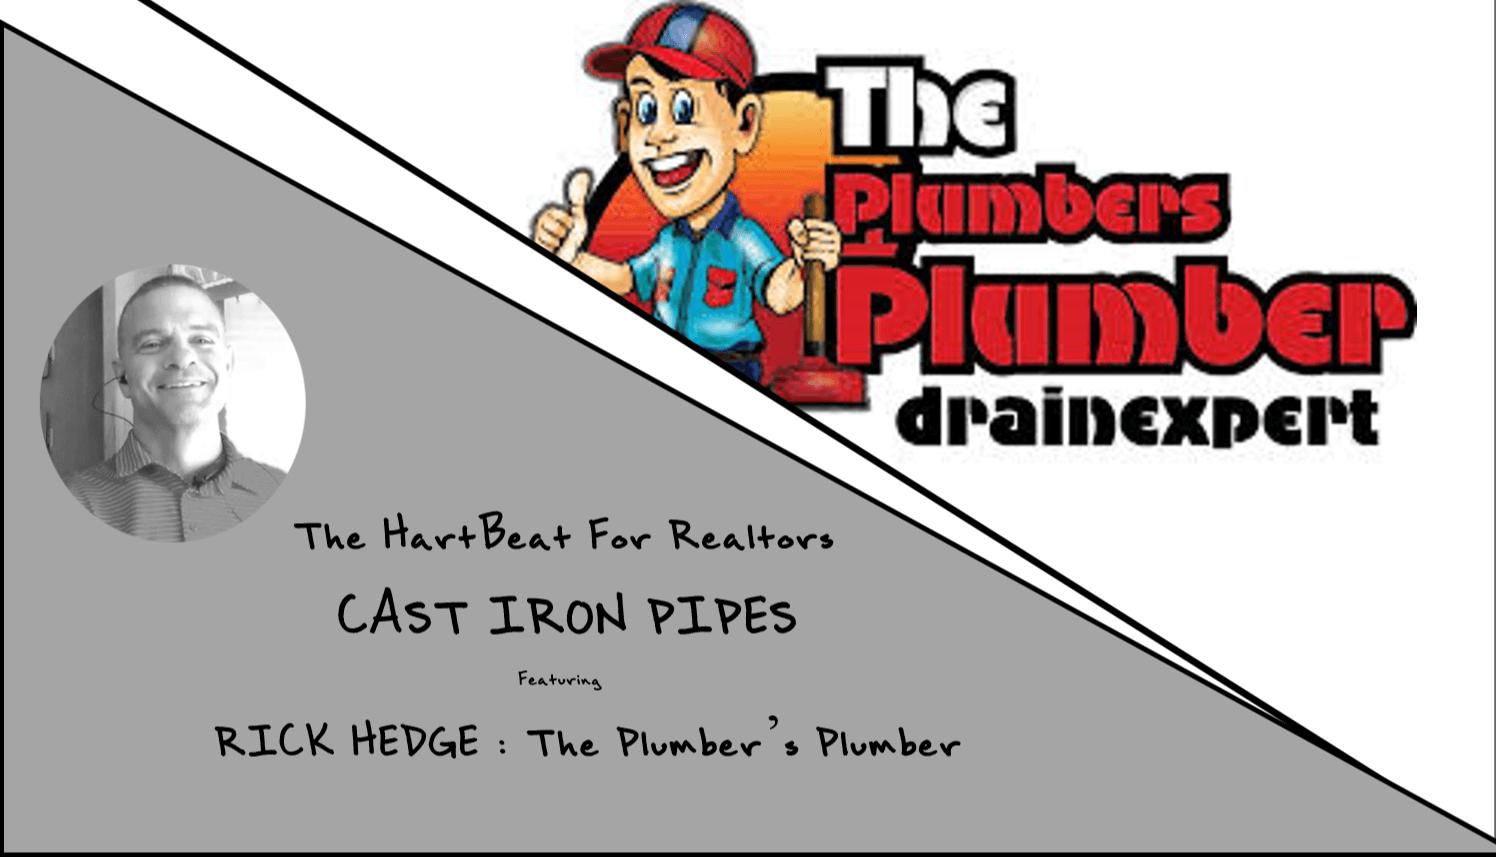 The Plumber's Plumber Blog